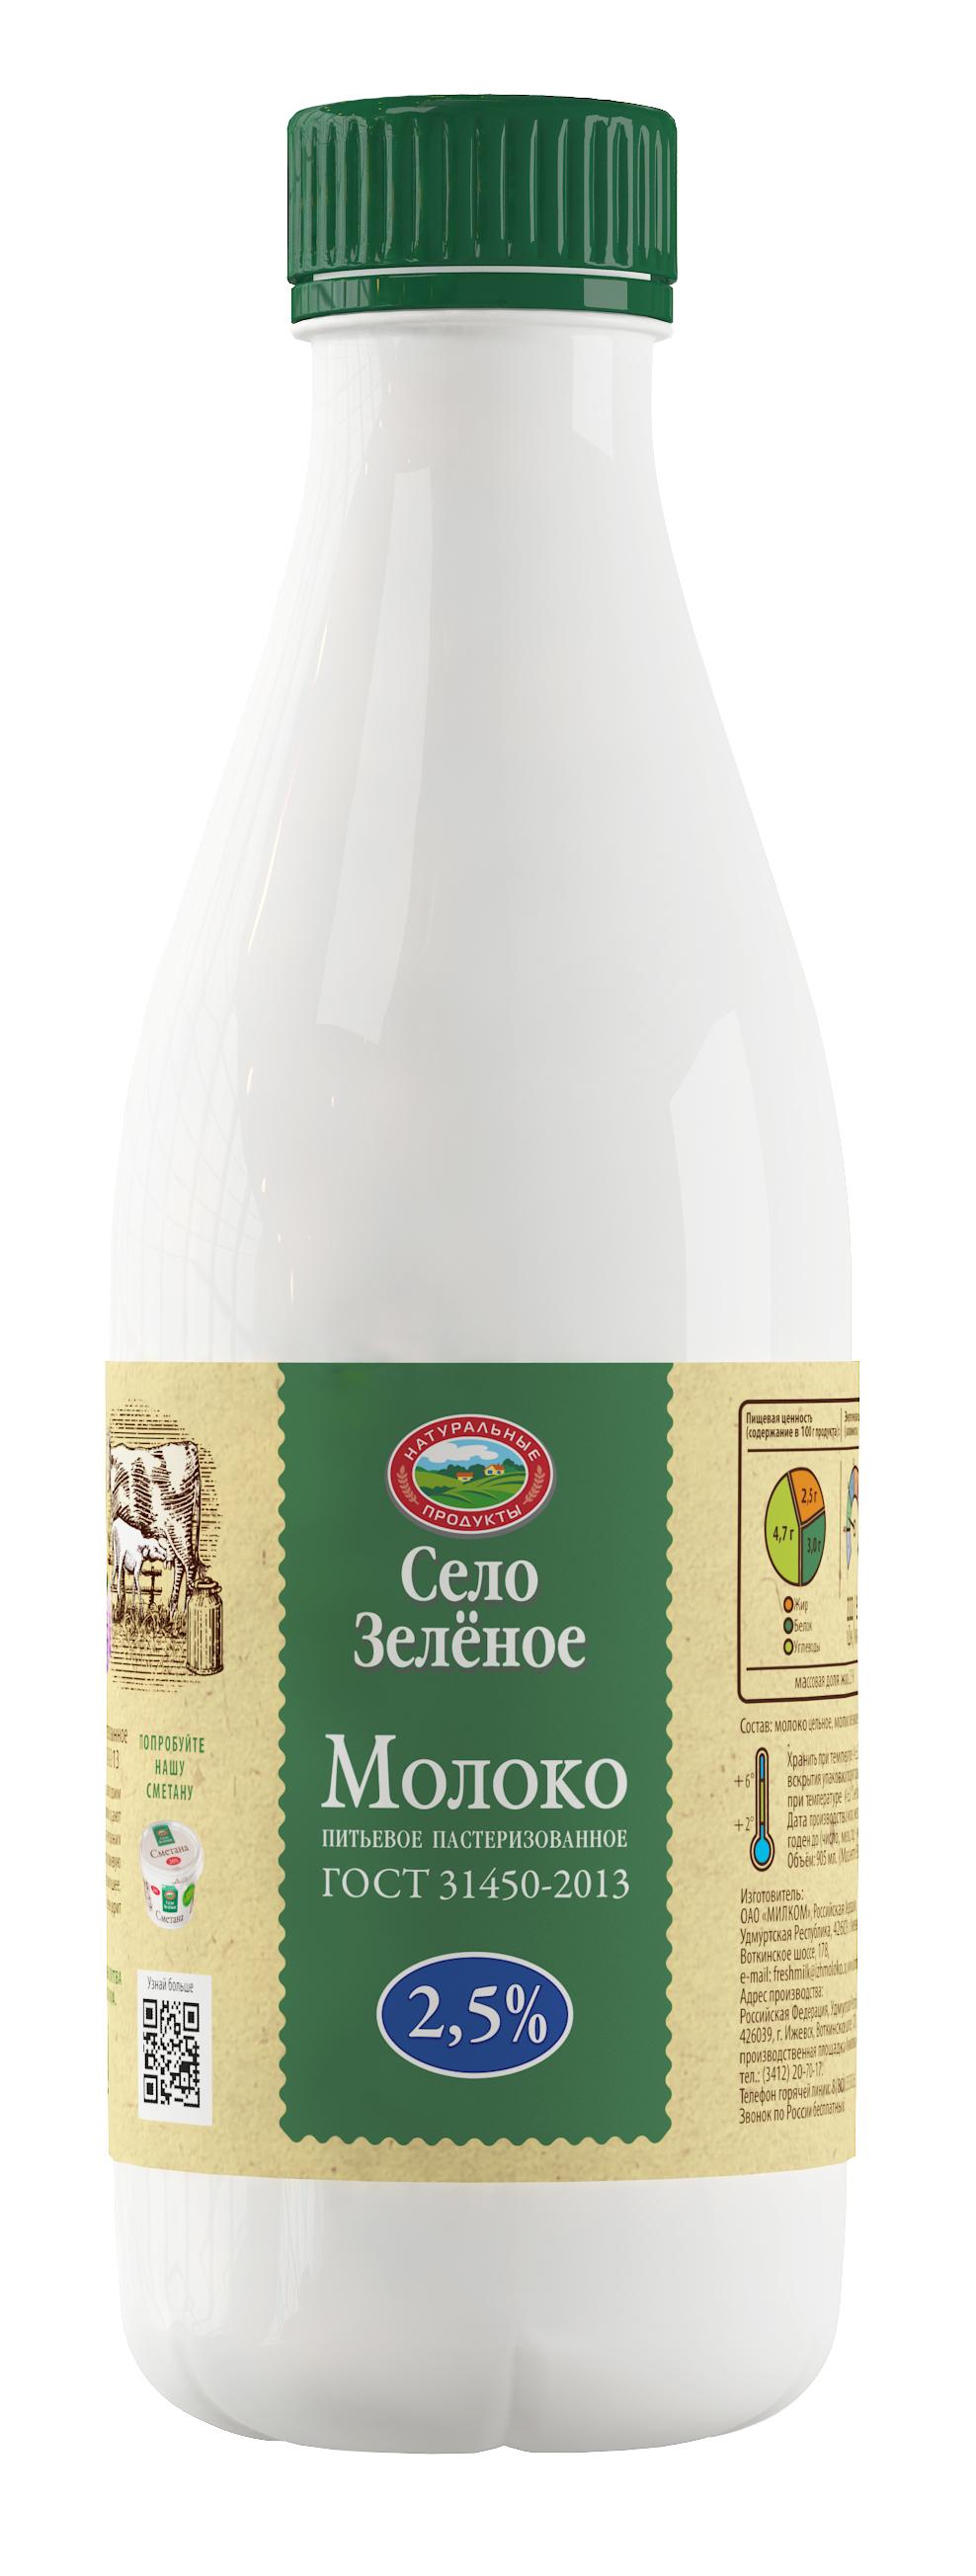 Село Зеленое Молоко пастеризованное 2,5%, 930 г молоко новая деревня пастеризованное 2 5